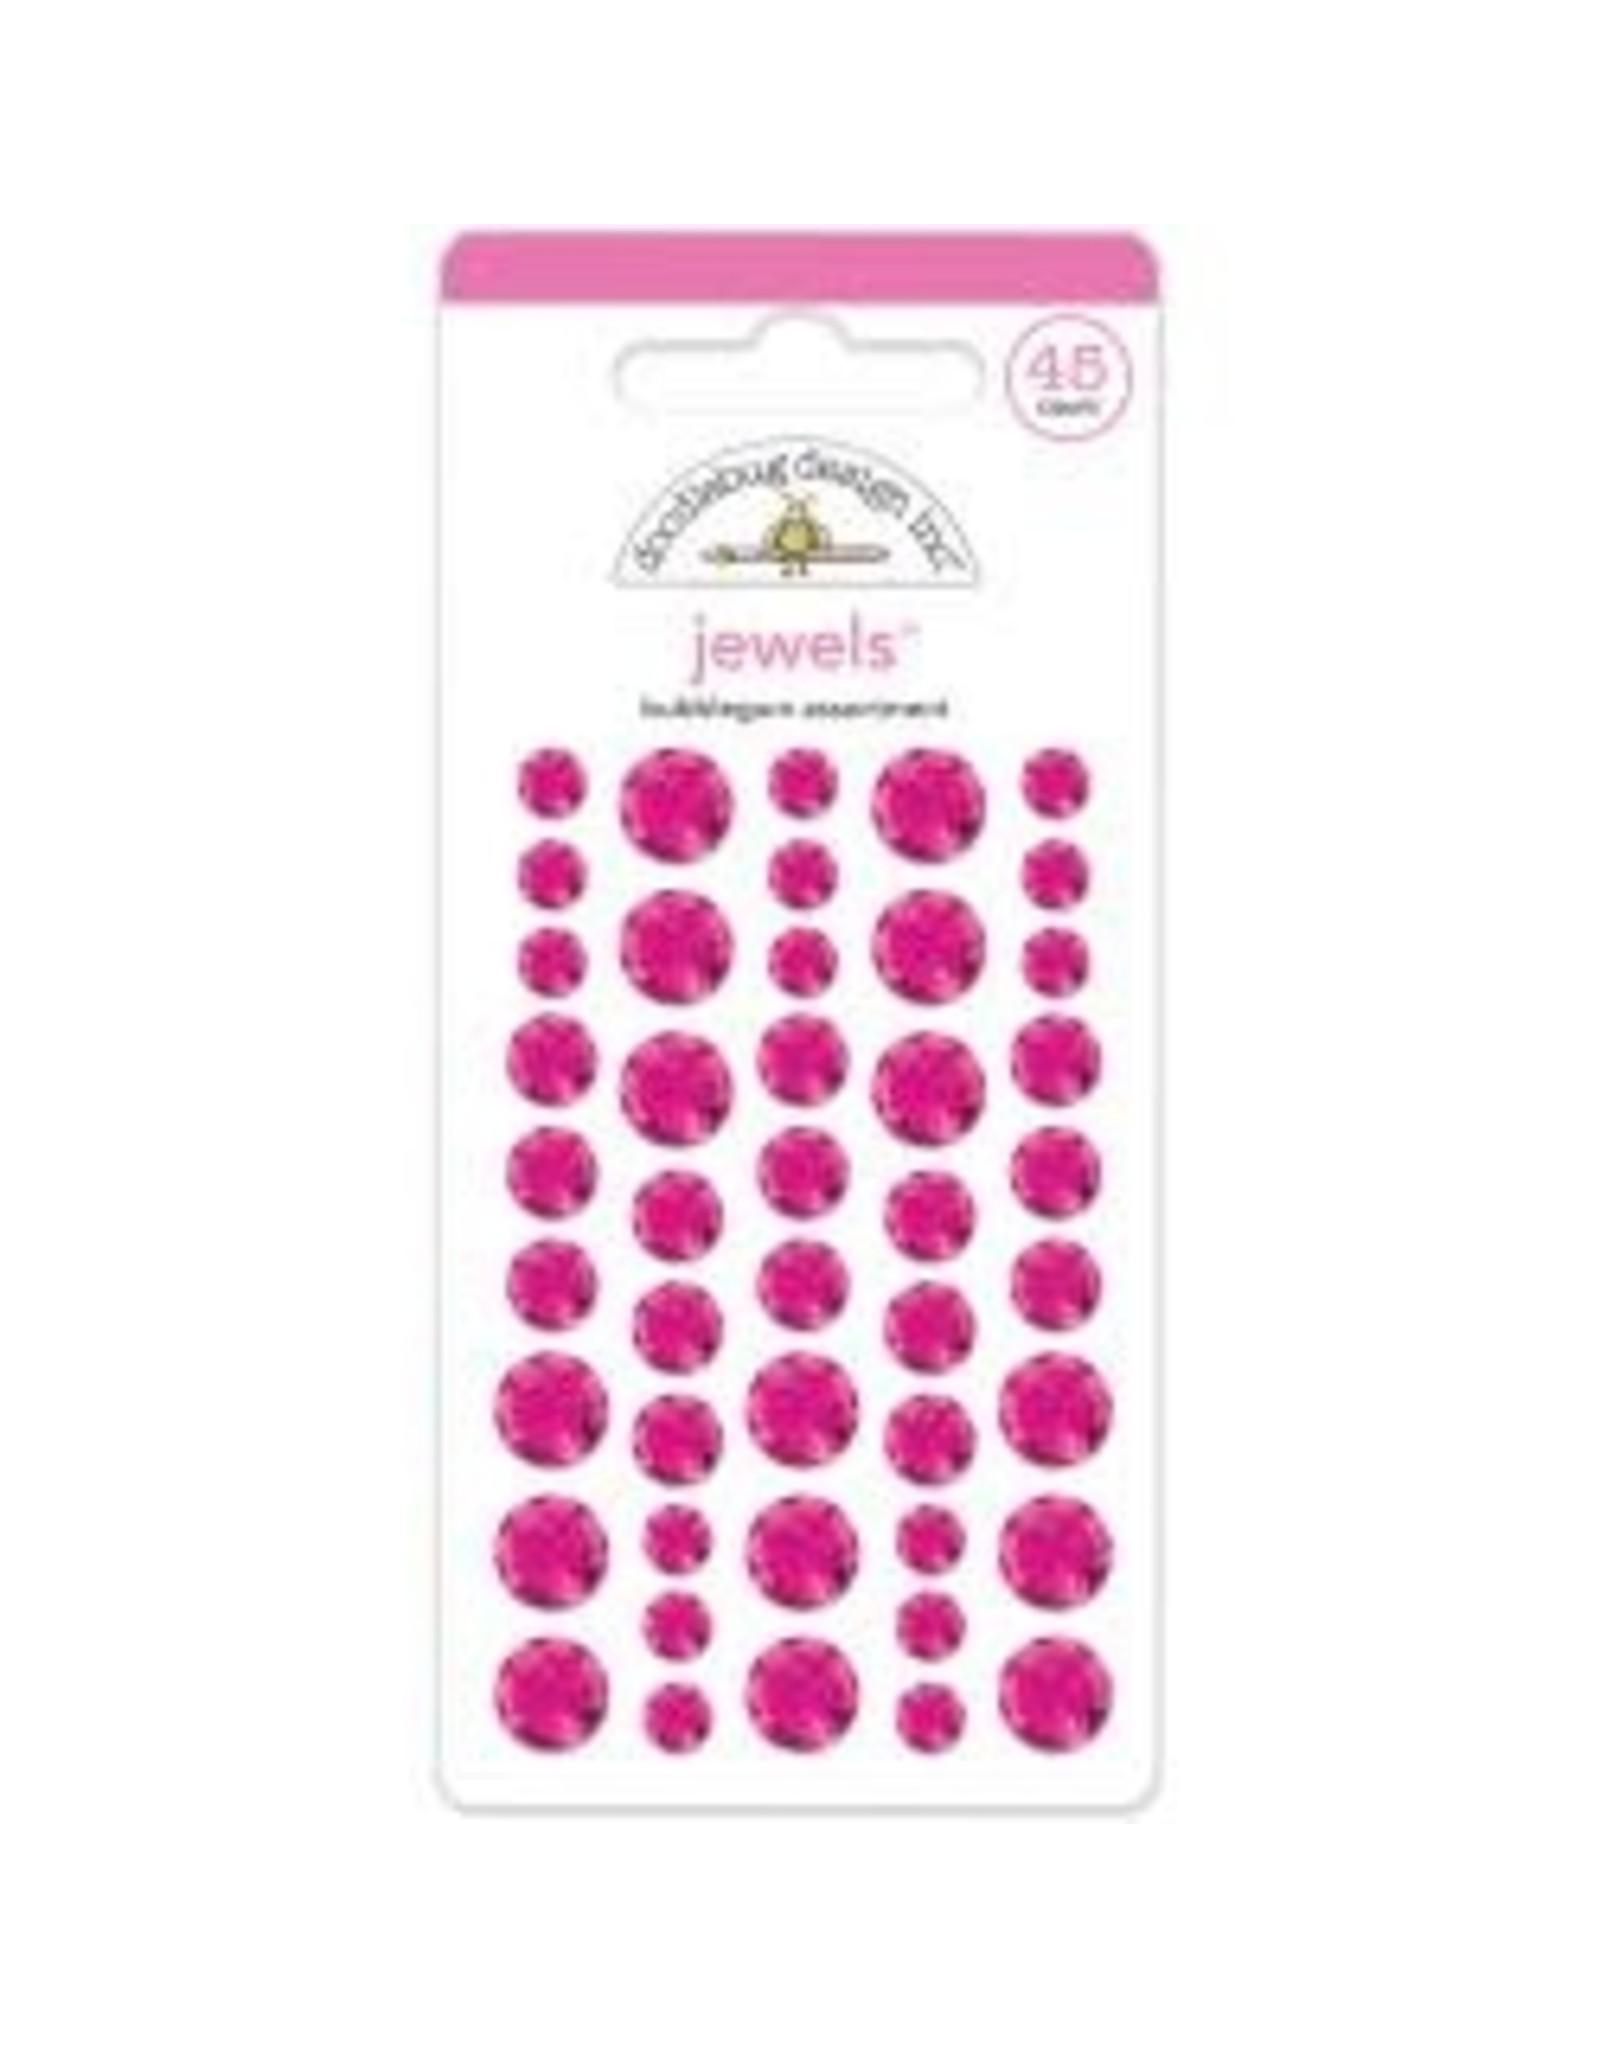 Doodlebug Design bubblegum assortment jewels